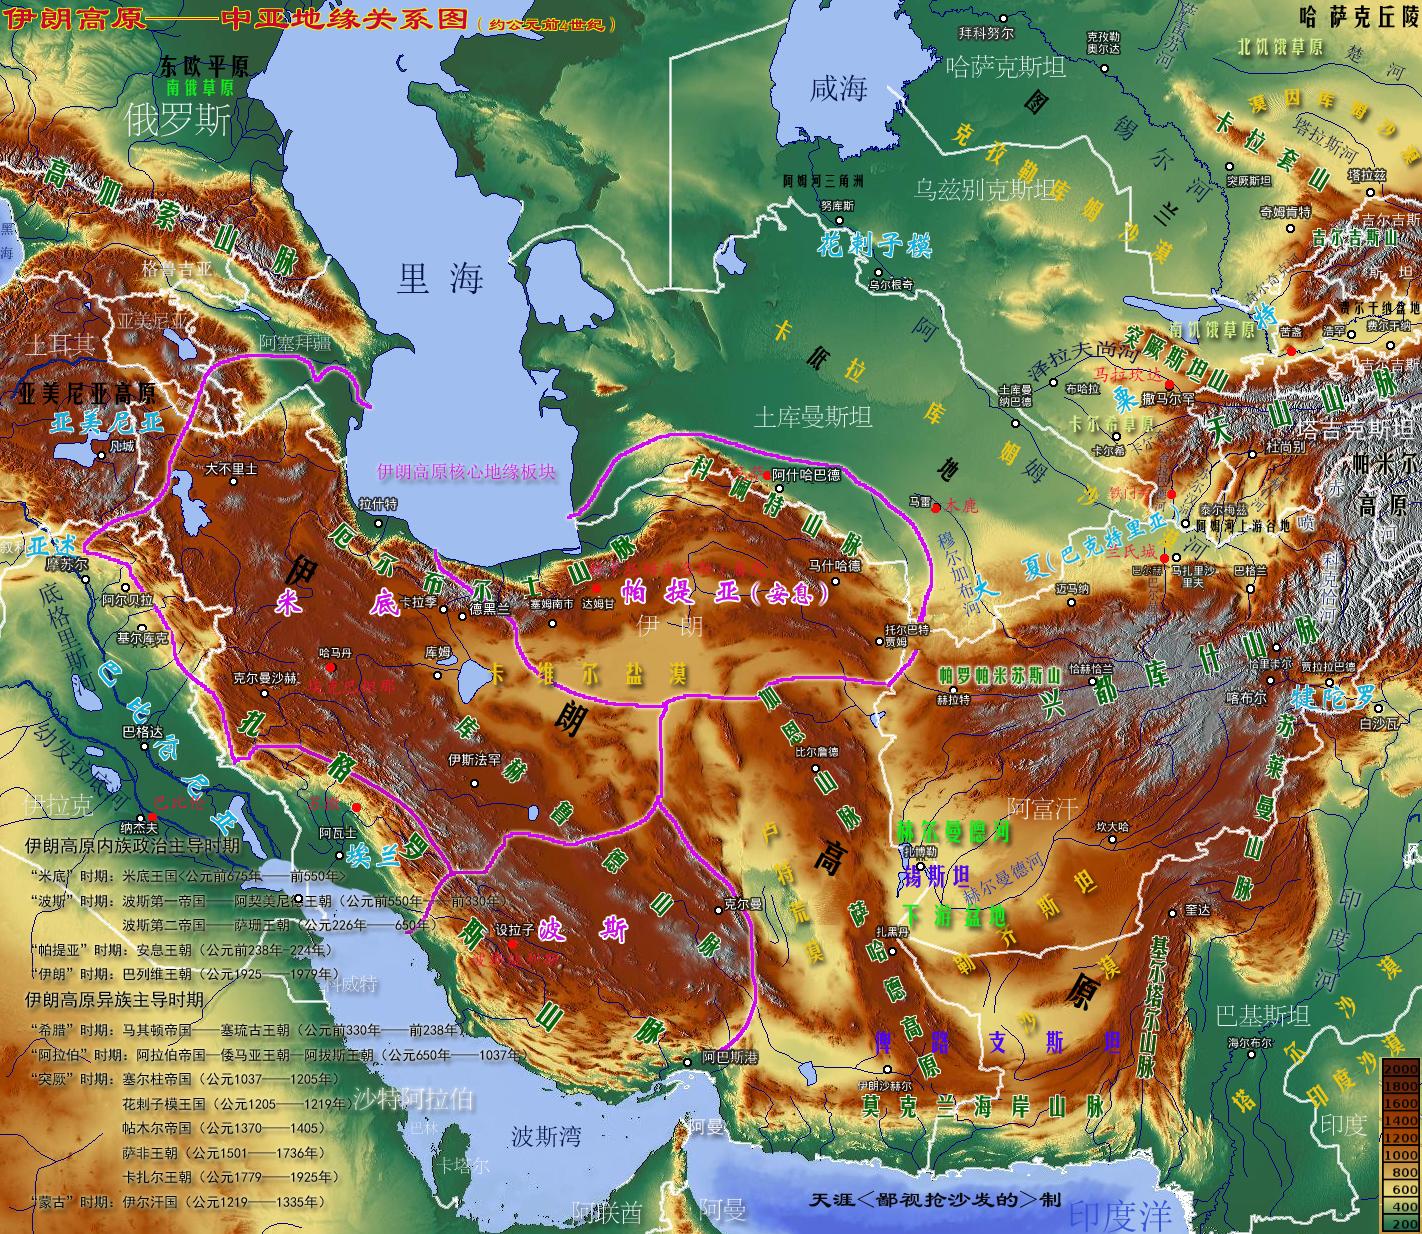 并在不久之后联合新兴的新巴比伦王国攻灭盛极一时的亚述帝国,不过米